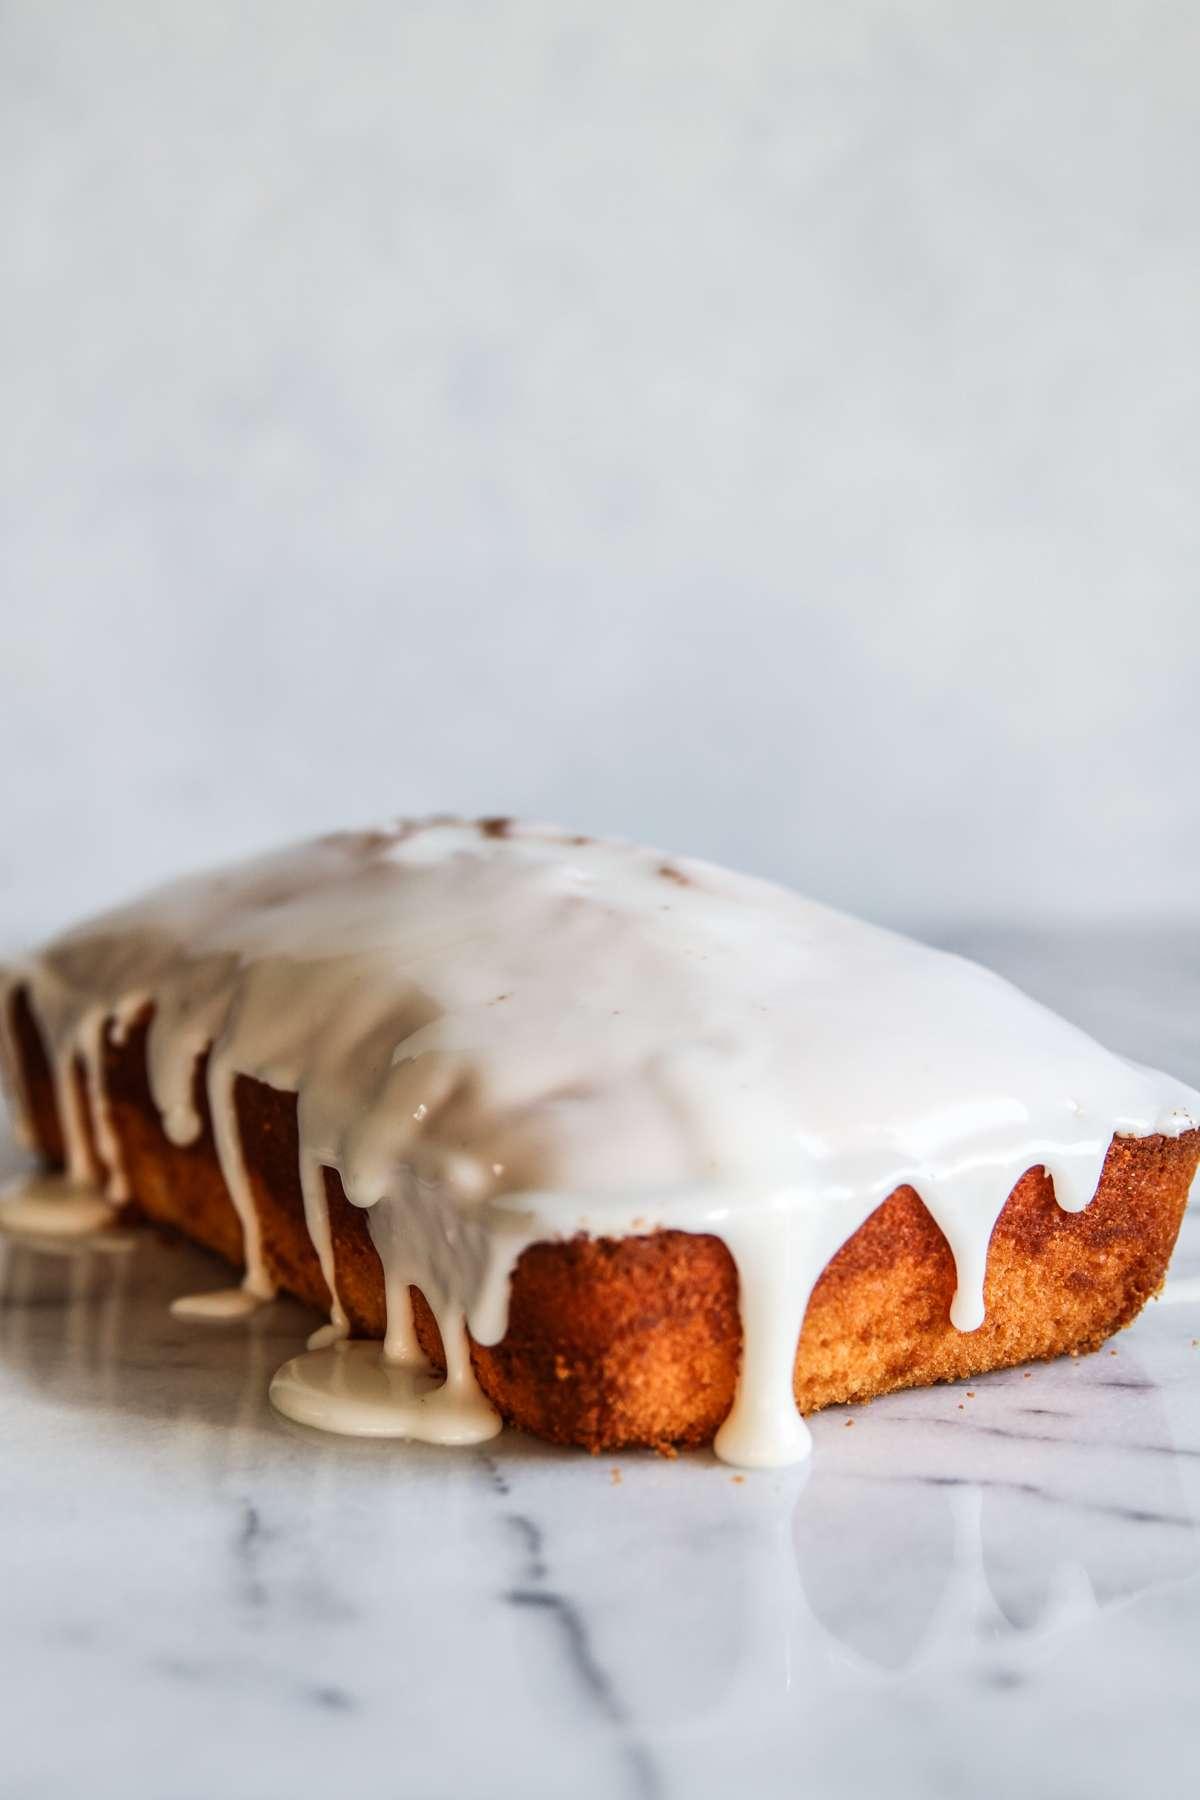 Lemon loaf with frosting